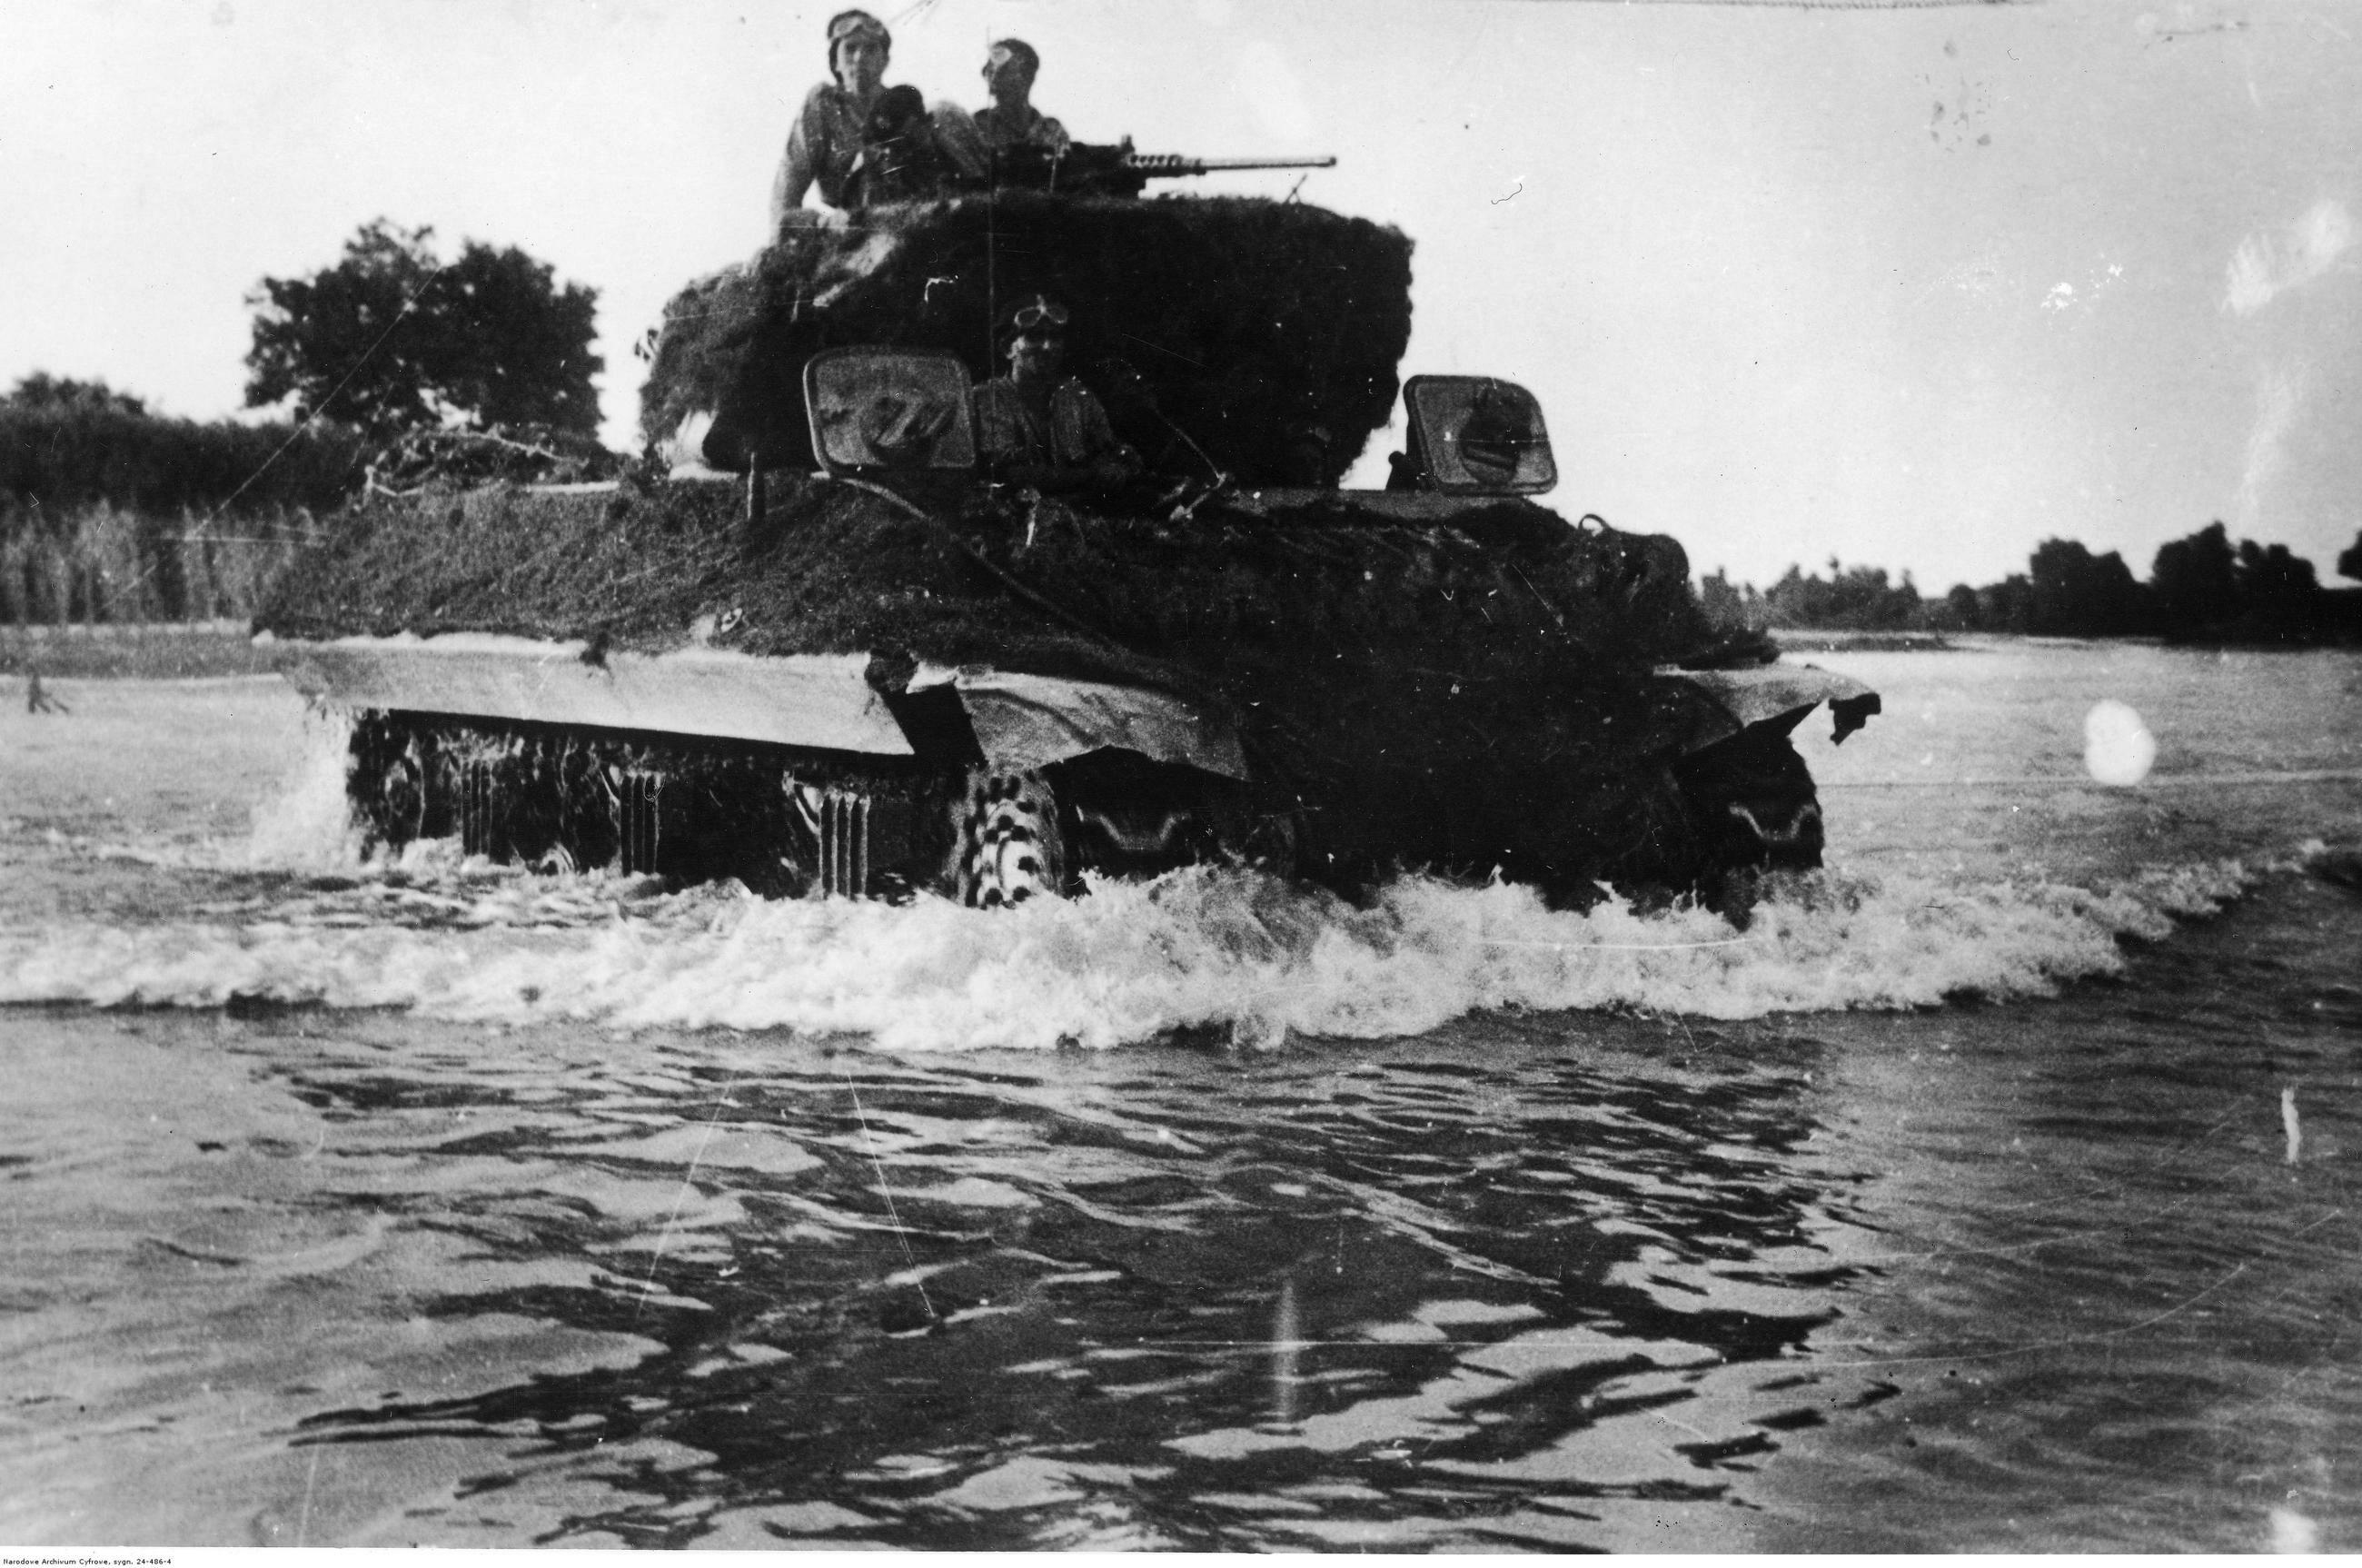 Przeprawa przez rzekę niszczyciela czołgów M10 Wolverine z 7 Pułku Artylerii Przeciwpancernej, sierpień 1944 r.